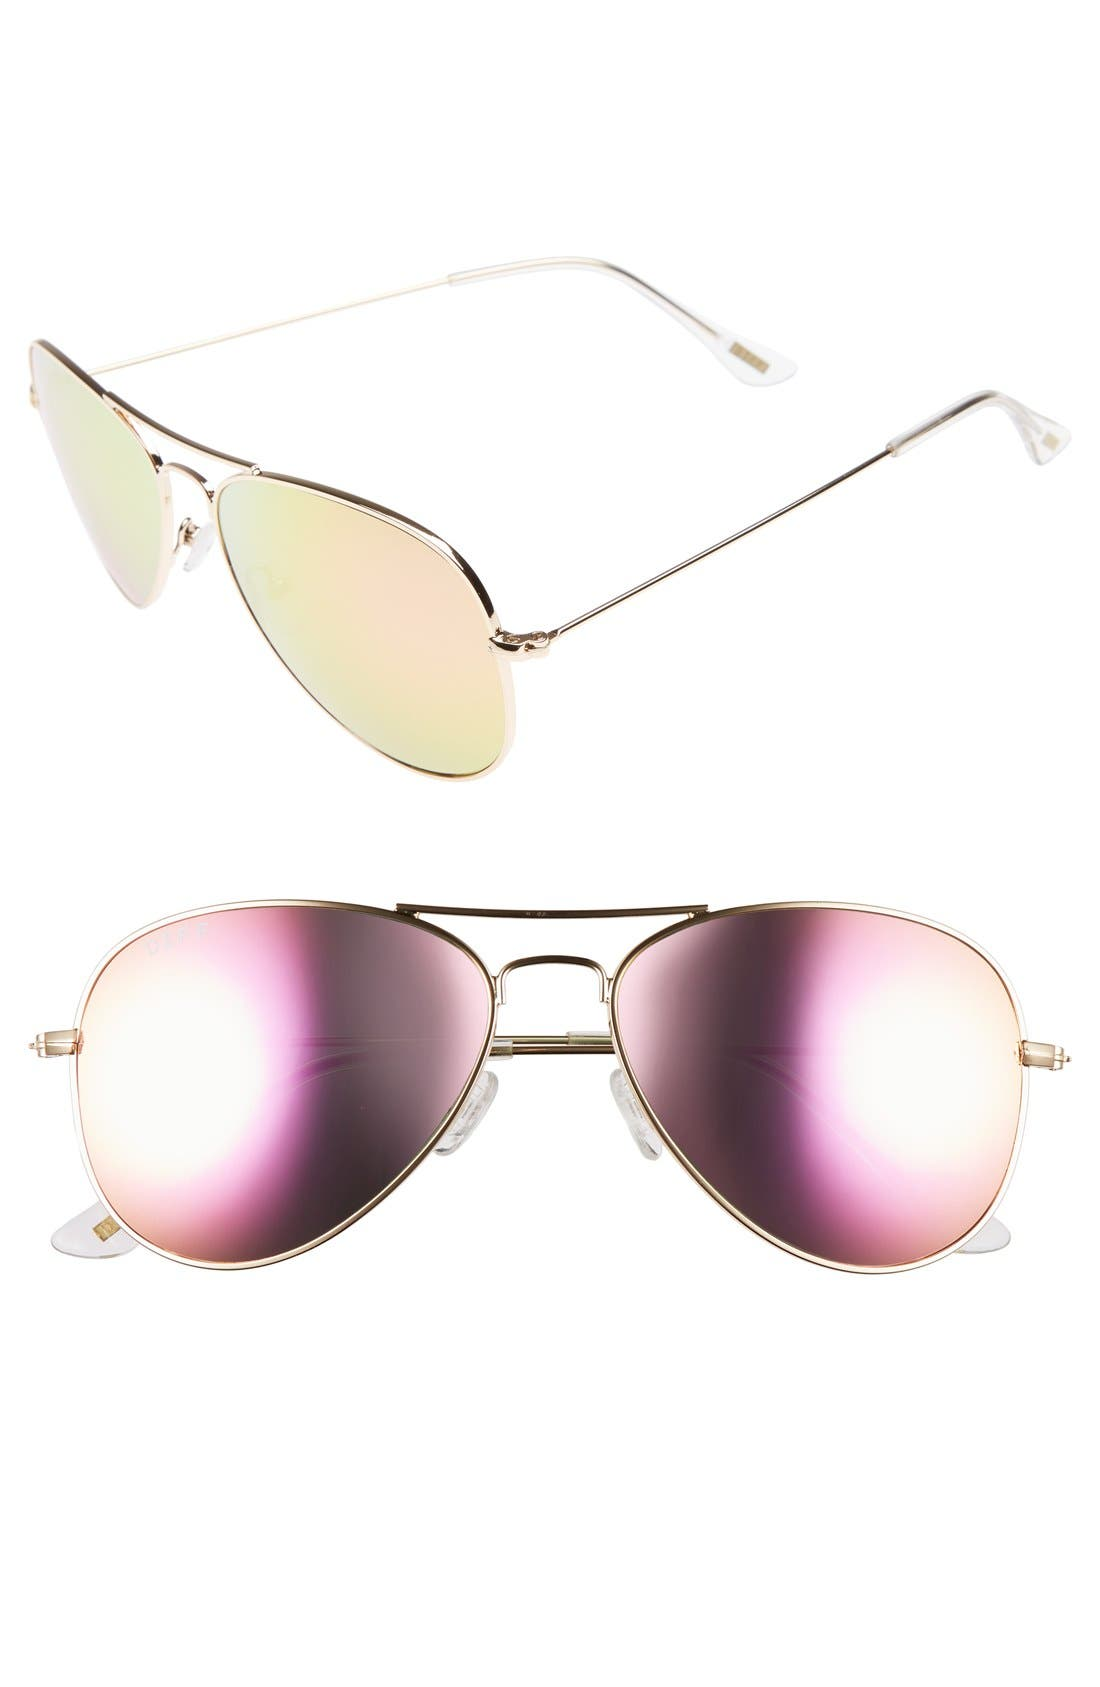 Cruz 57mm Metal Aviator Sunglasses,                         Main,                         color, Gold/ Pink